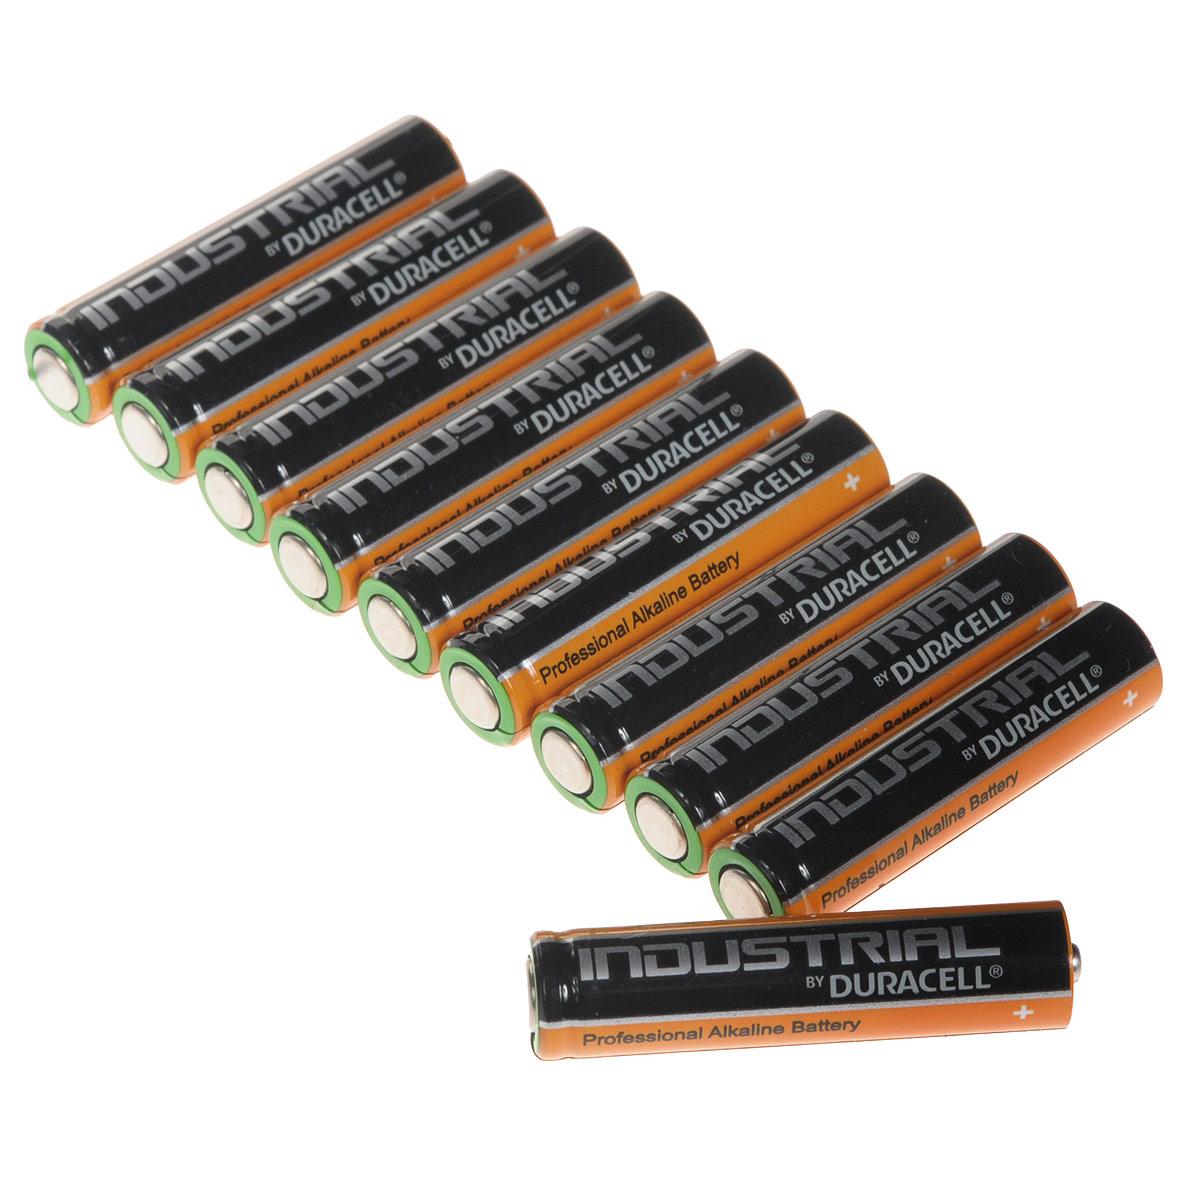 Набор алкалиновых батареек Duracell Industrial, тип AAA, 10 штPRC-81481943Набор алкалиновых батареек Duracell Industrial предназначен для использования в различных электронных устройствах небольшого размера, например в пультах дистанционного управления, портативных MP3-плеерах, фотоаппаратах, различных беспроводных устройствах.